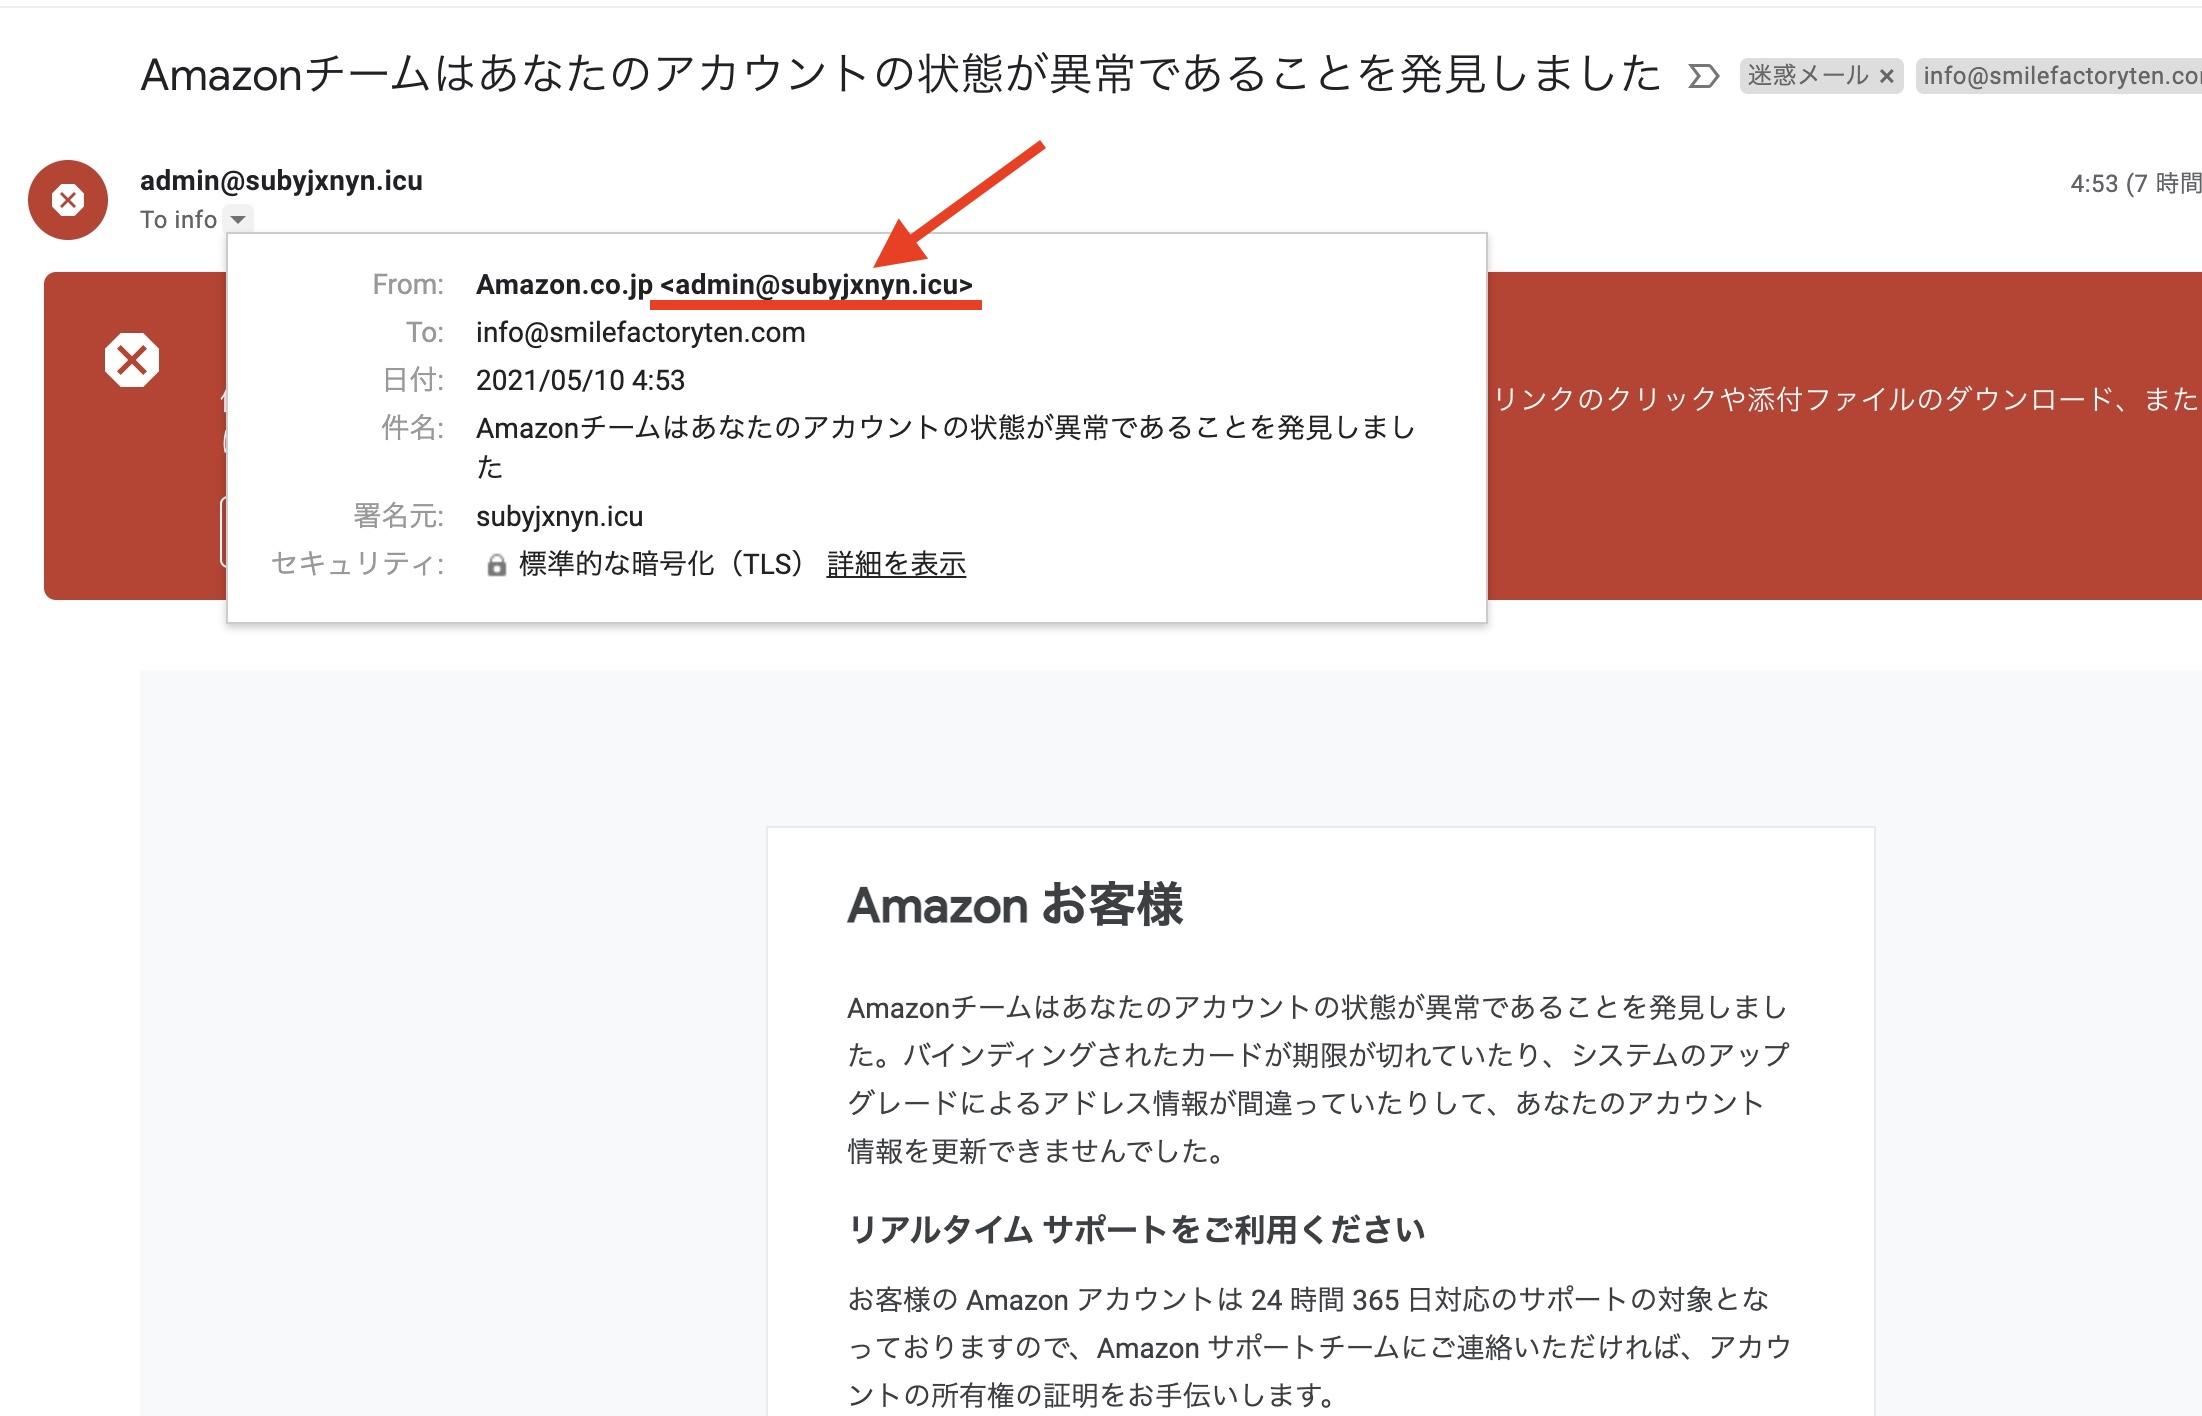 Amazonチームはあなたのアカウントの状態が異常であることを発見しました